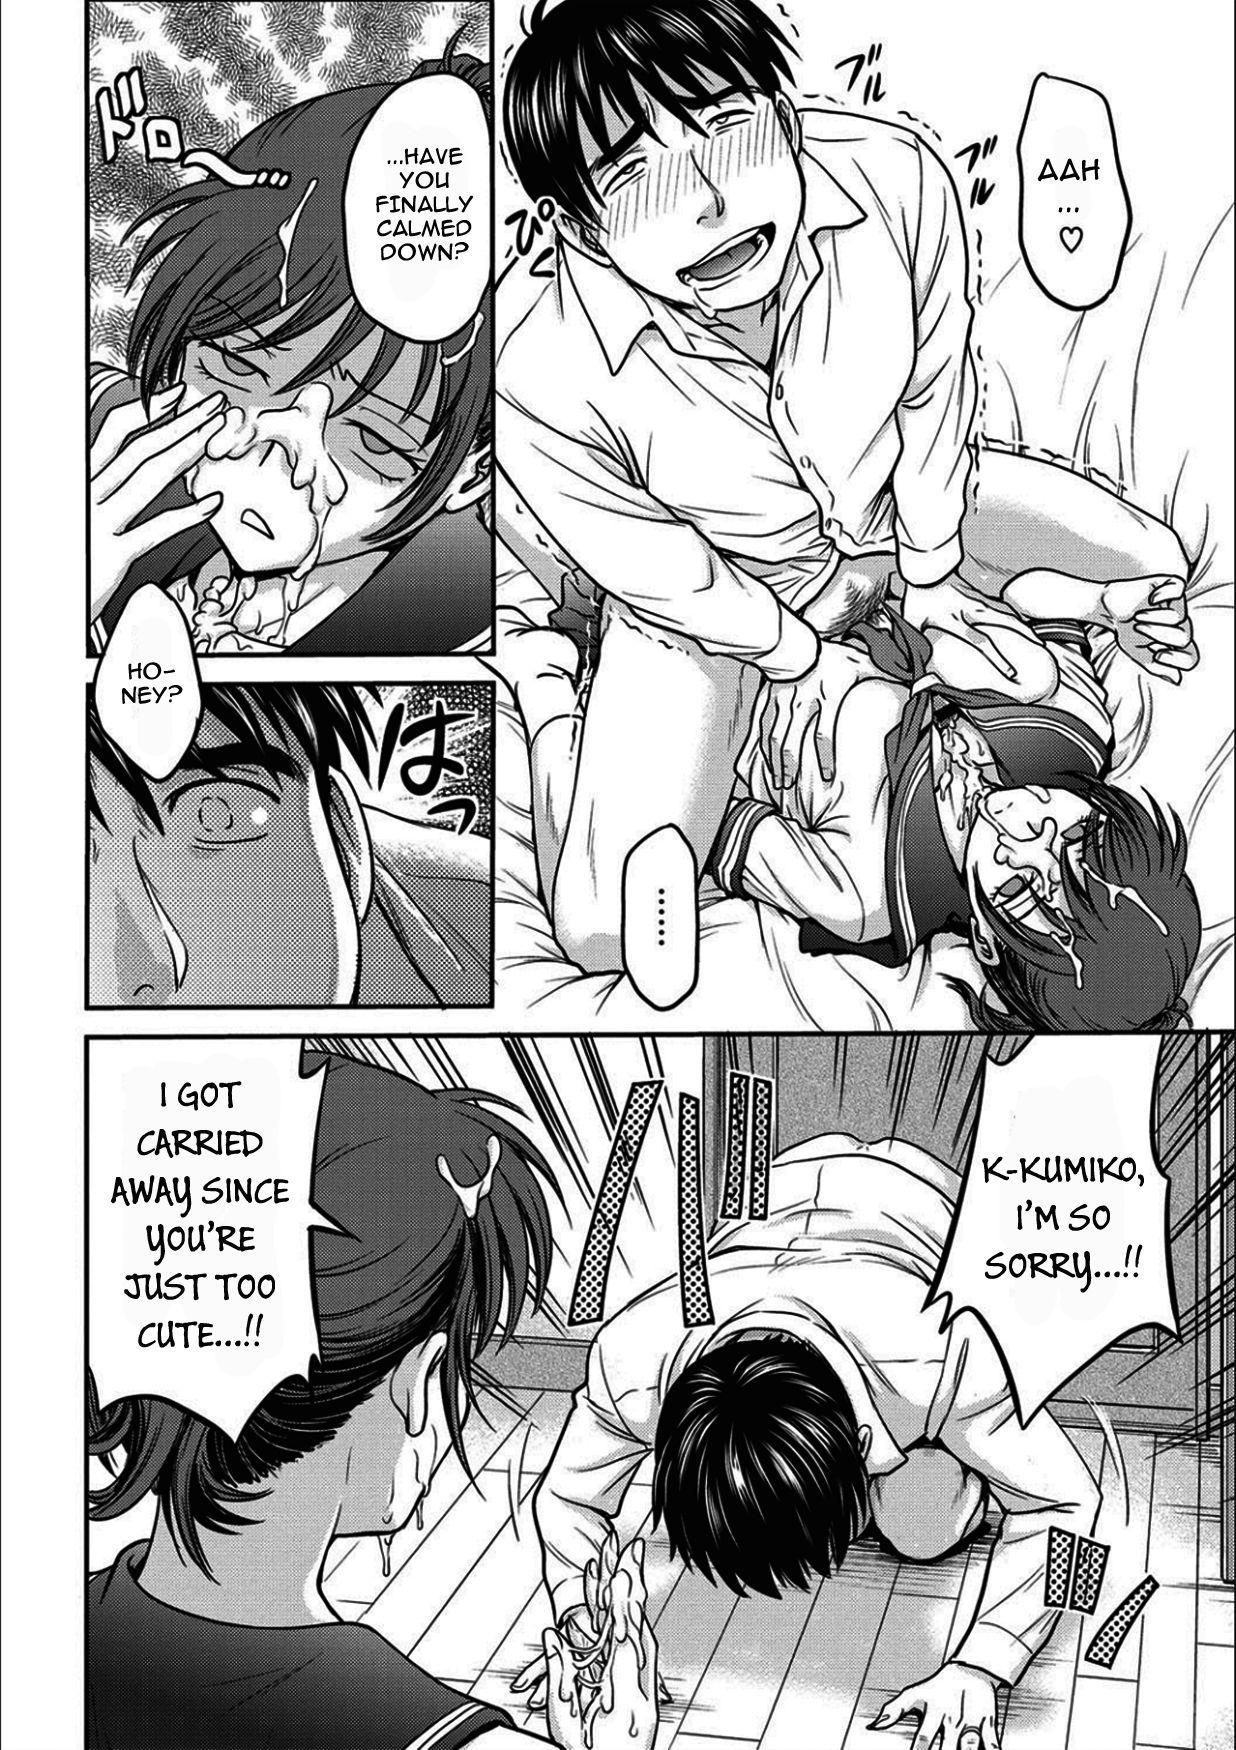 Otto ga Totsuzen Seiheki wo Kokuhaku Shite Kita ndesu ga... | My Hubby Suddenly Told Me His Fetish... 7